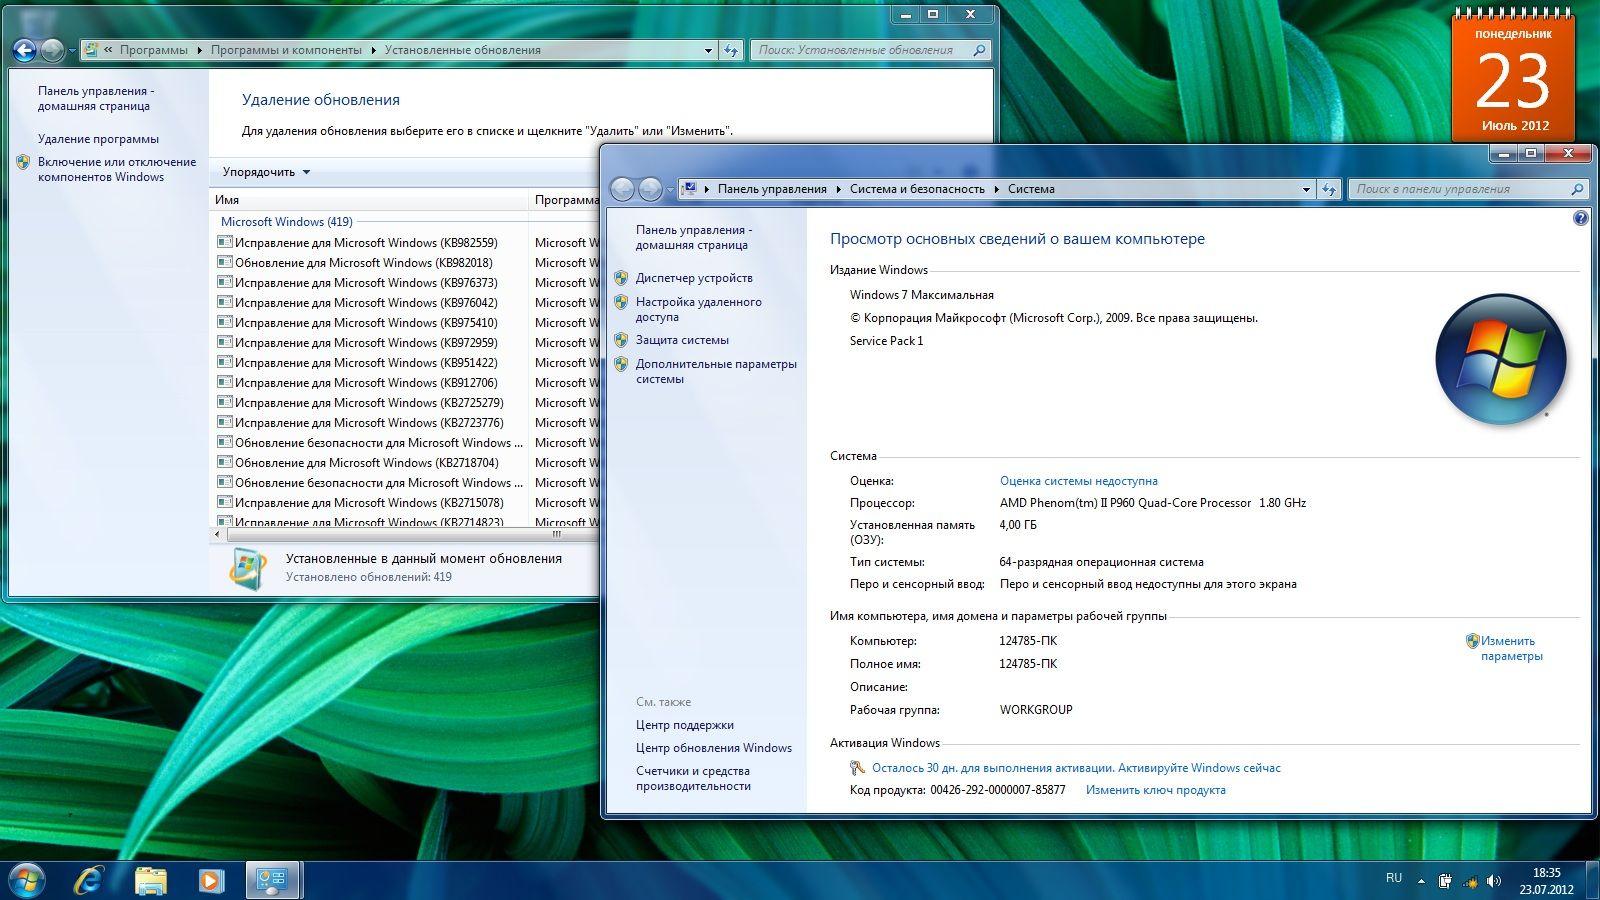 Скачать архив драйверов для windows 7 максимальная